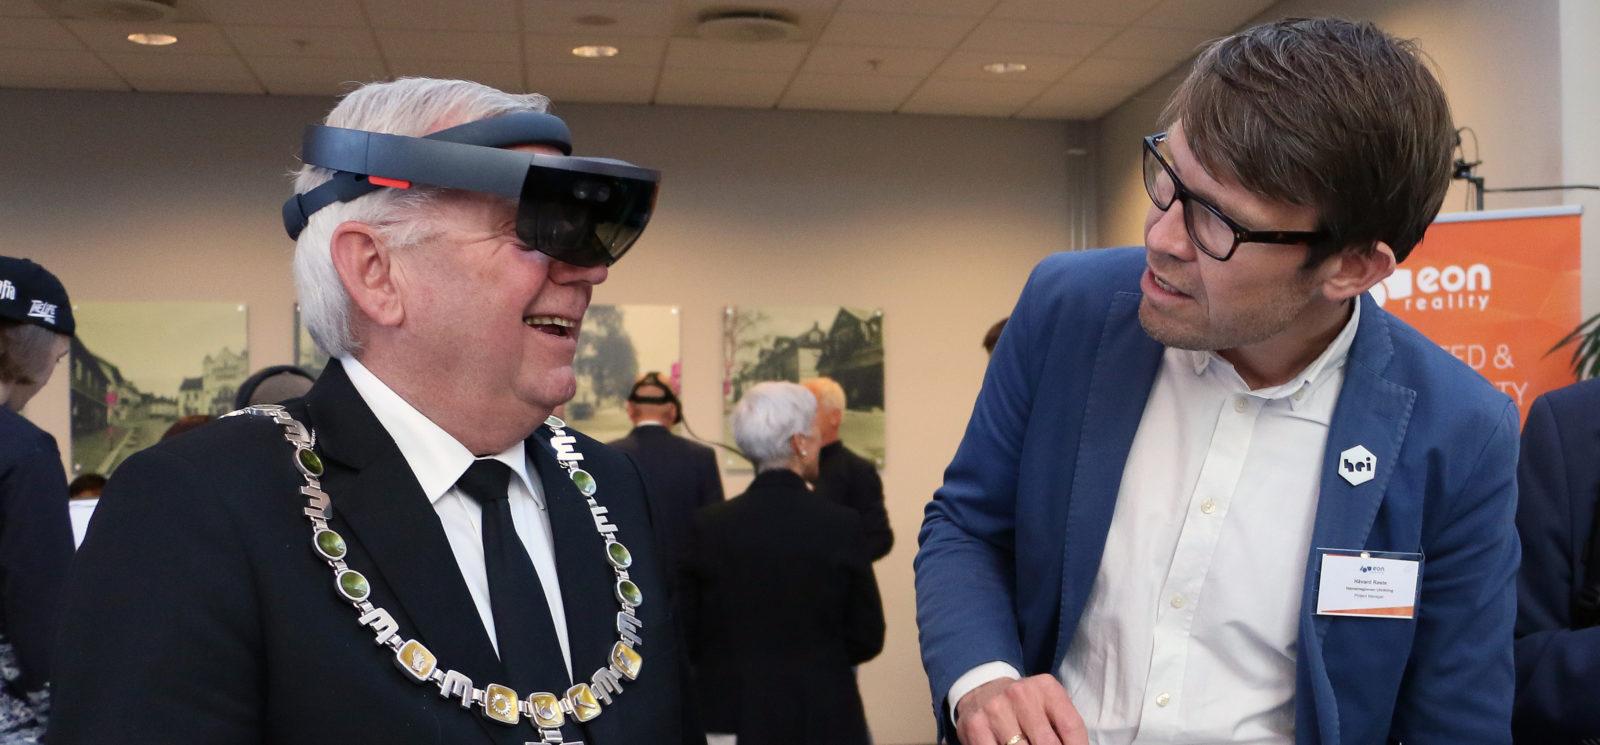 Elverum-ordfører Erik Hanstad tester HoloLens sammen med artikkelforfatteren (Foto: Elverum kommune/Kate Langsethagen)